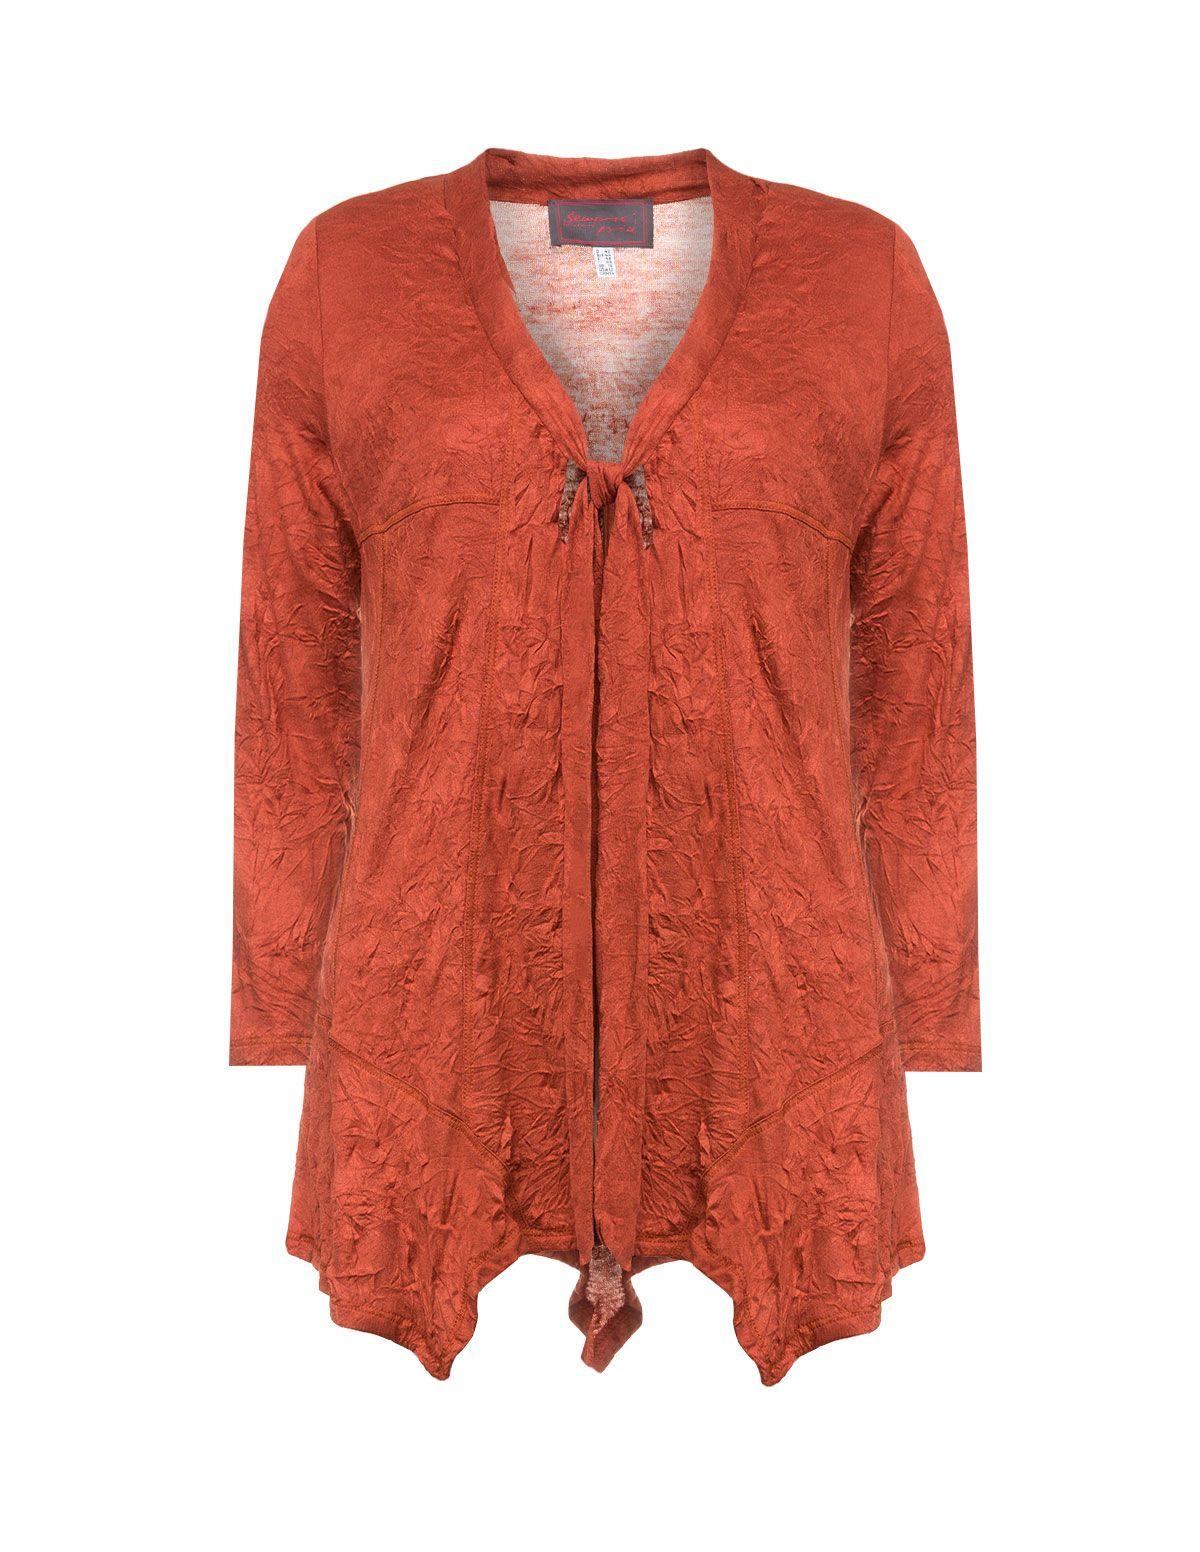 Leichte Jacke mit Schnürung von Sempre Piu in Rost